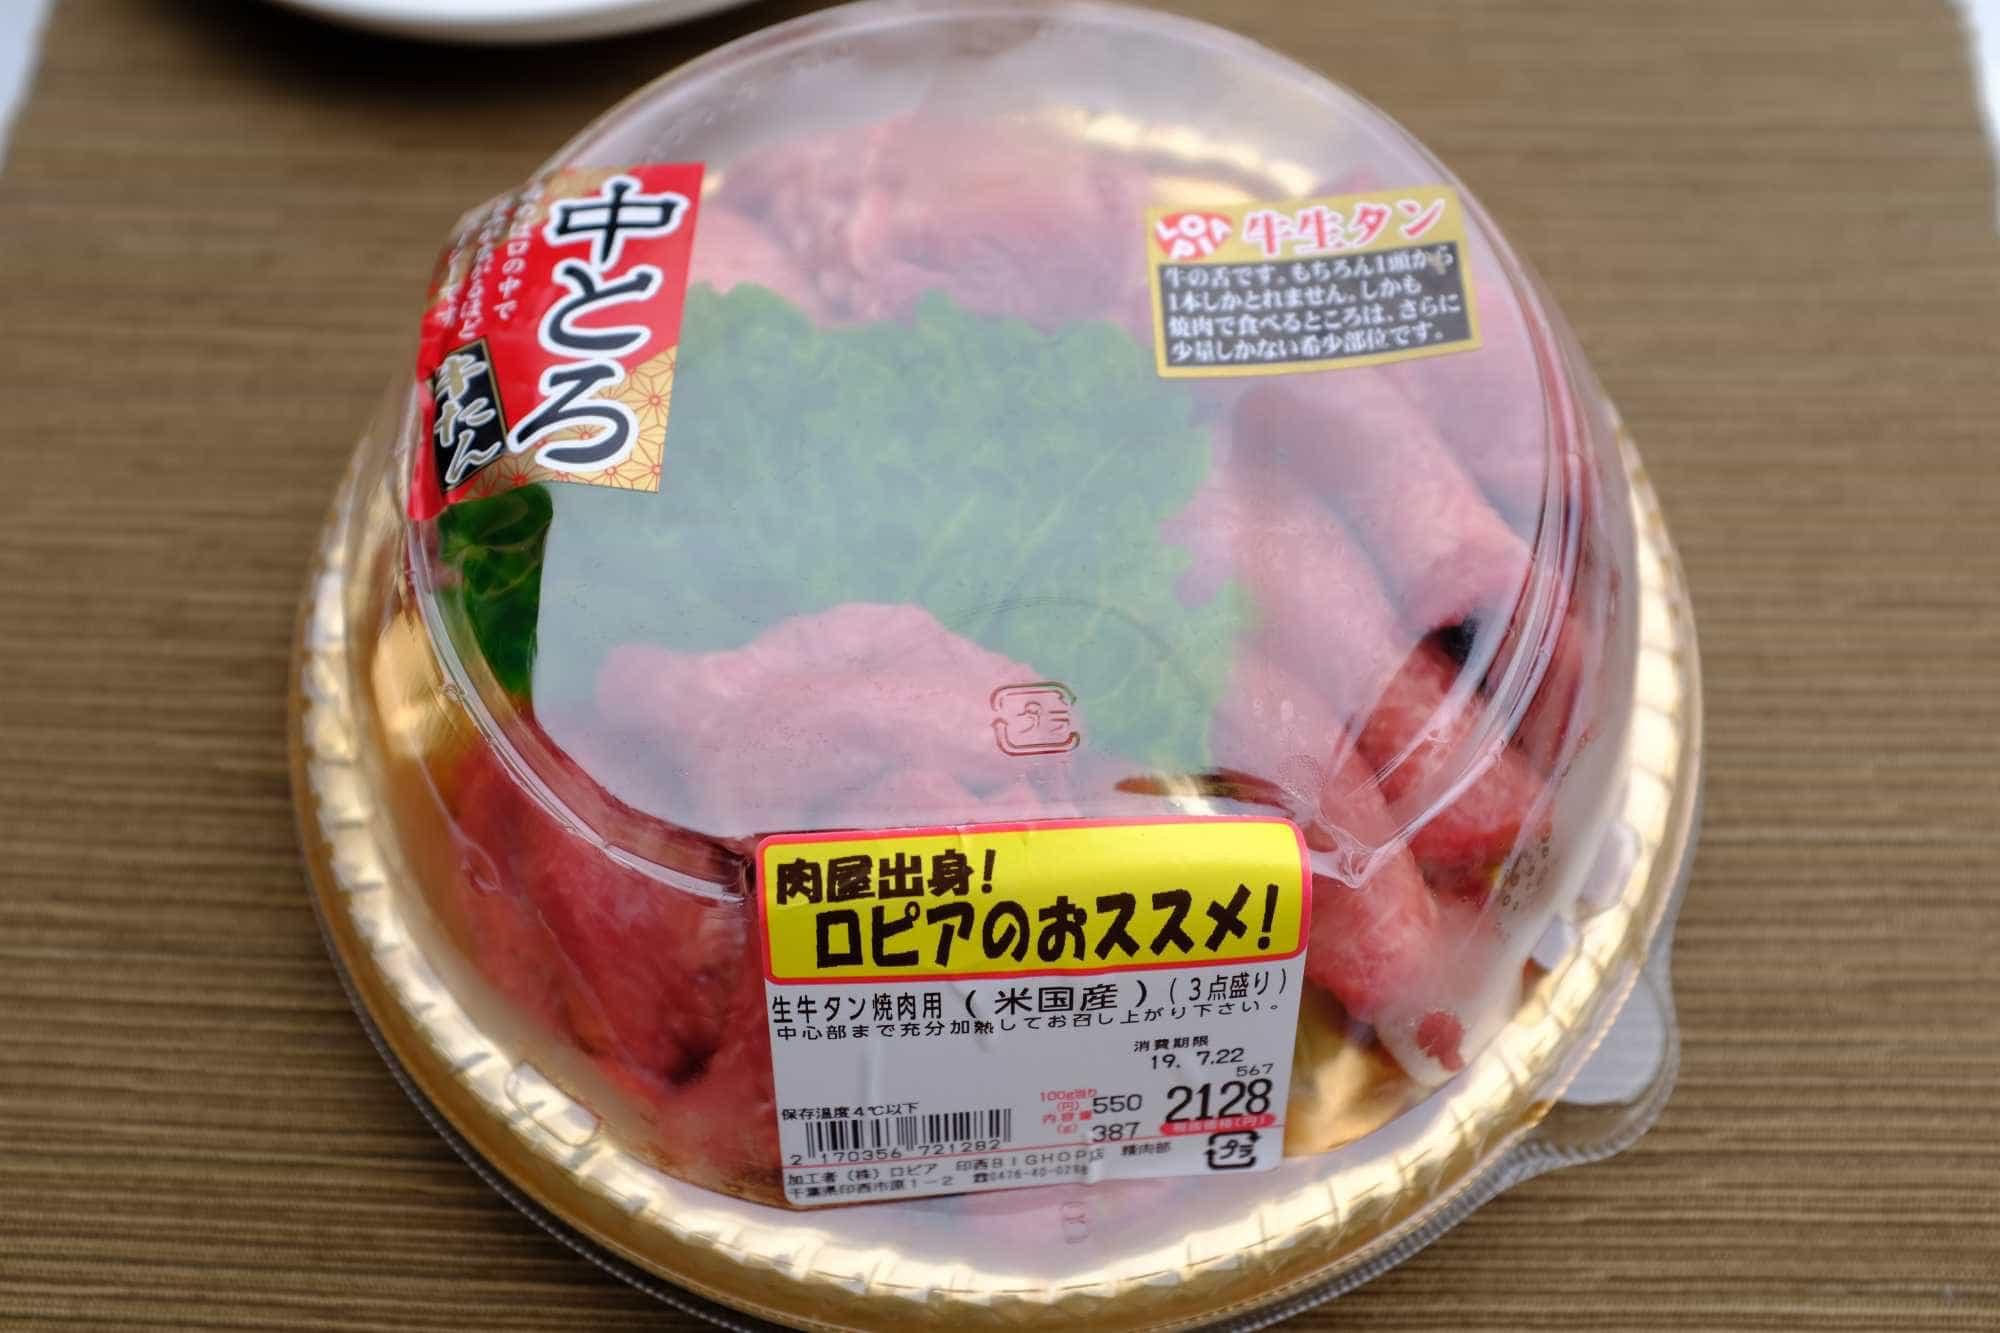 ロピアの肉